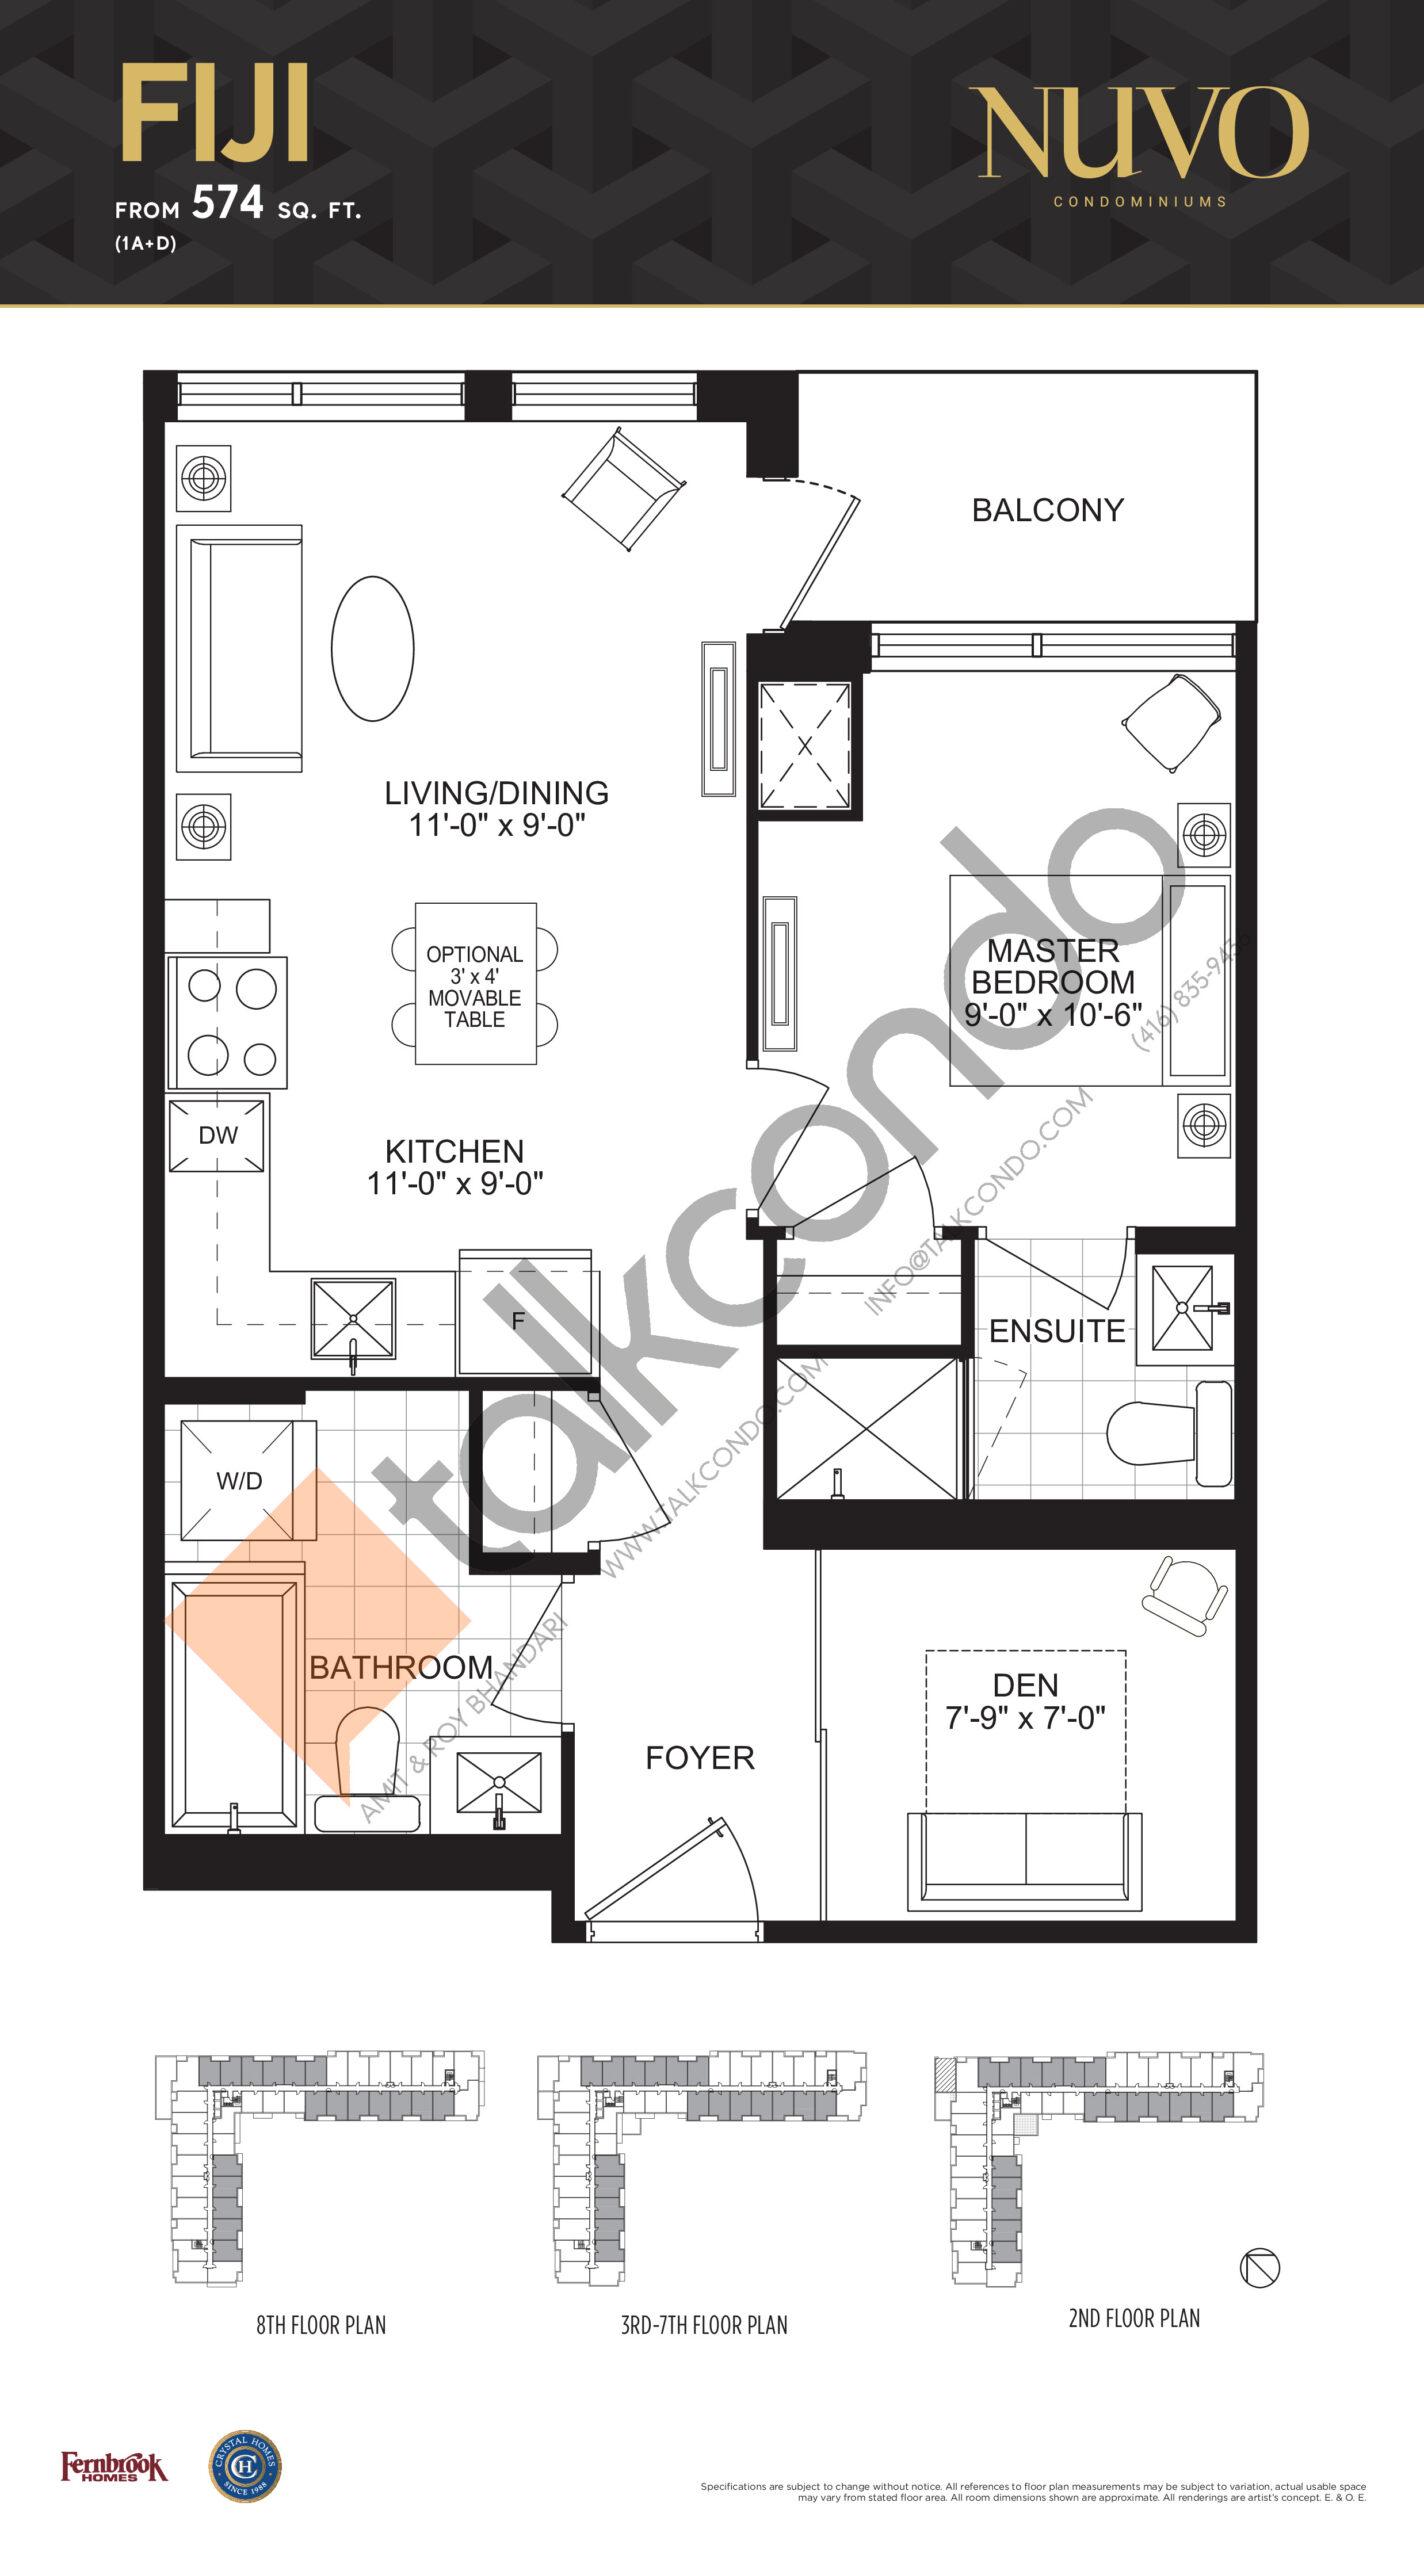 Fiji Floor Plan at Nuvo Condos - 574 sq.ft